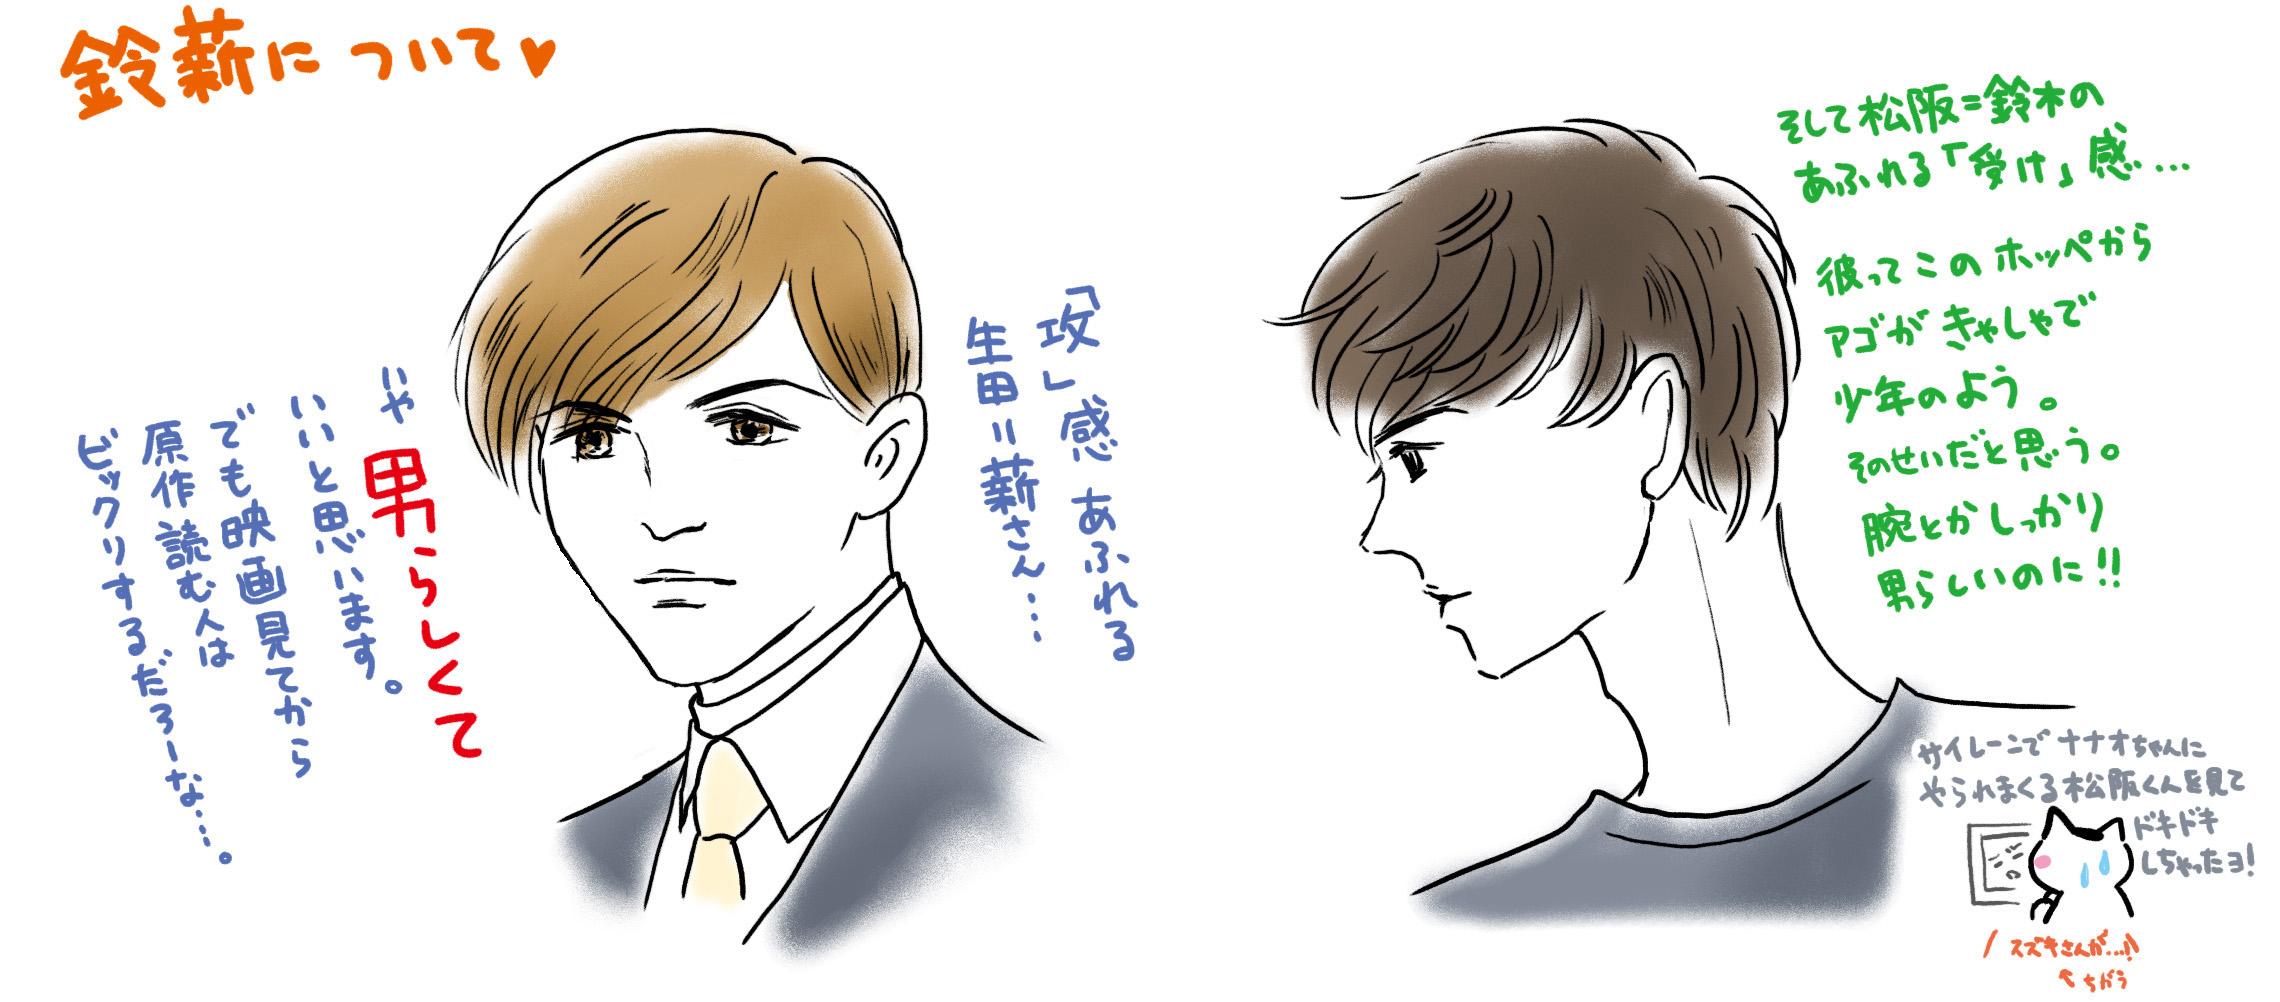 映画の生田/松坂=薪さん、鈴木さんについて